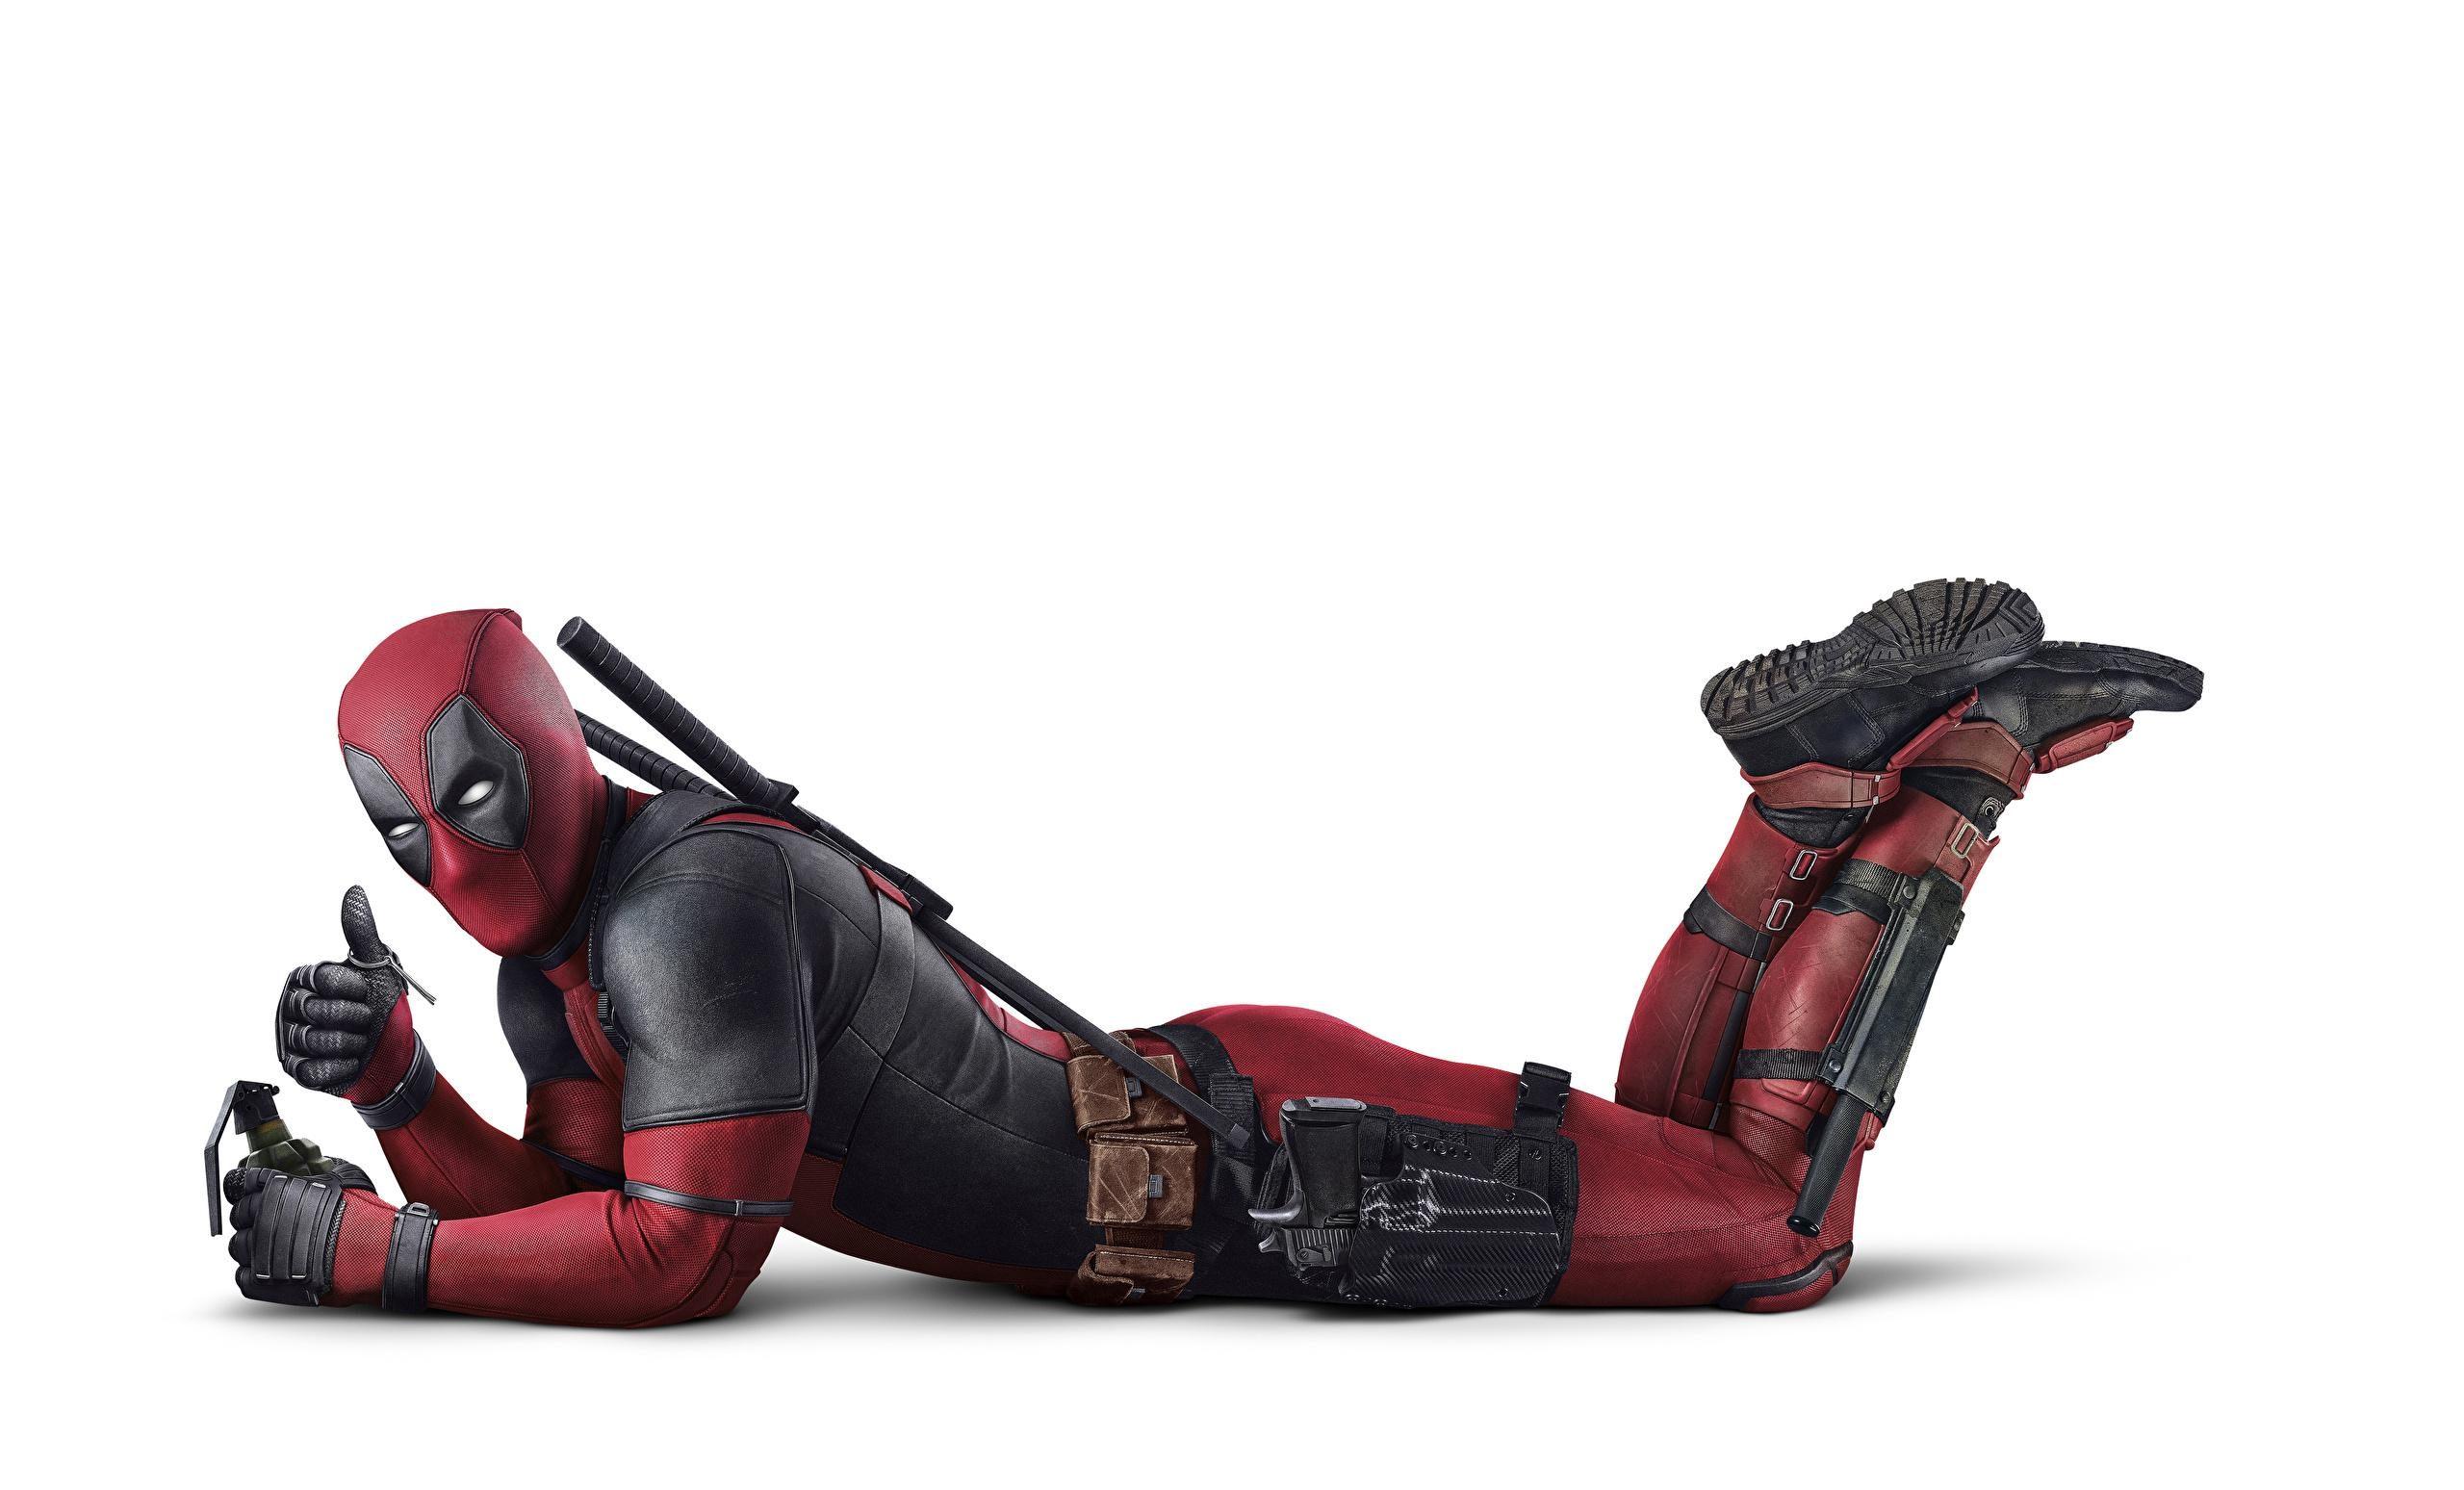 Expectation arises as Ryan Reynolds announces Deadpool 3